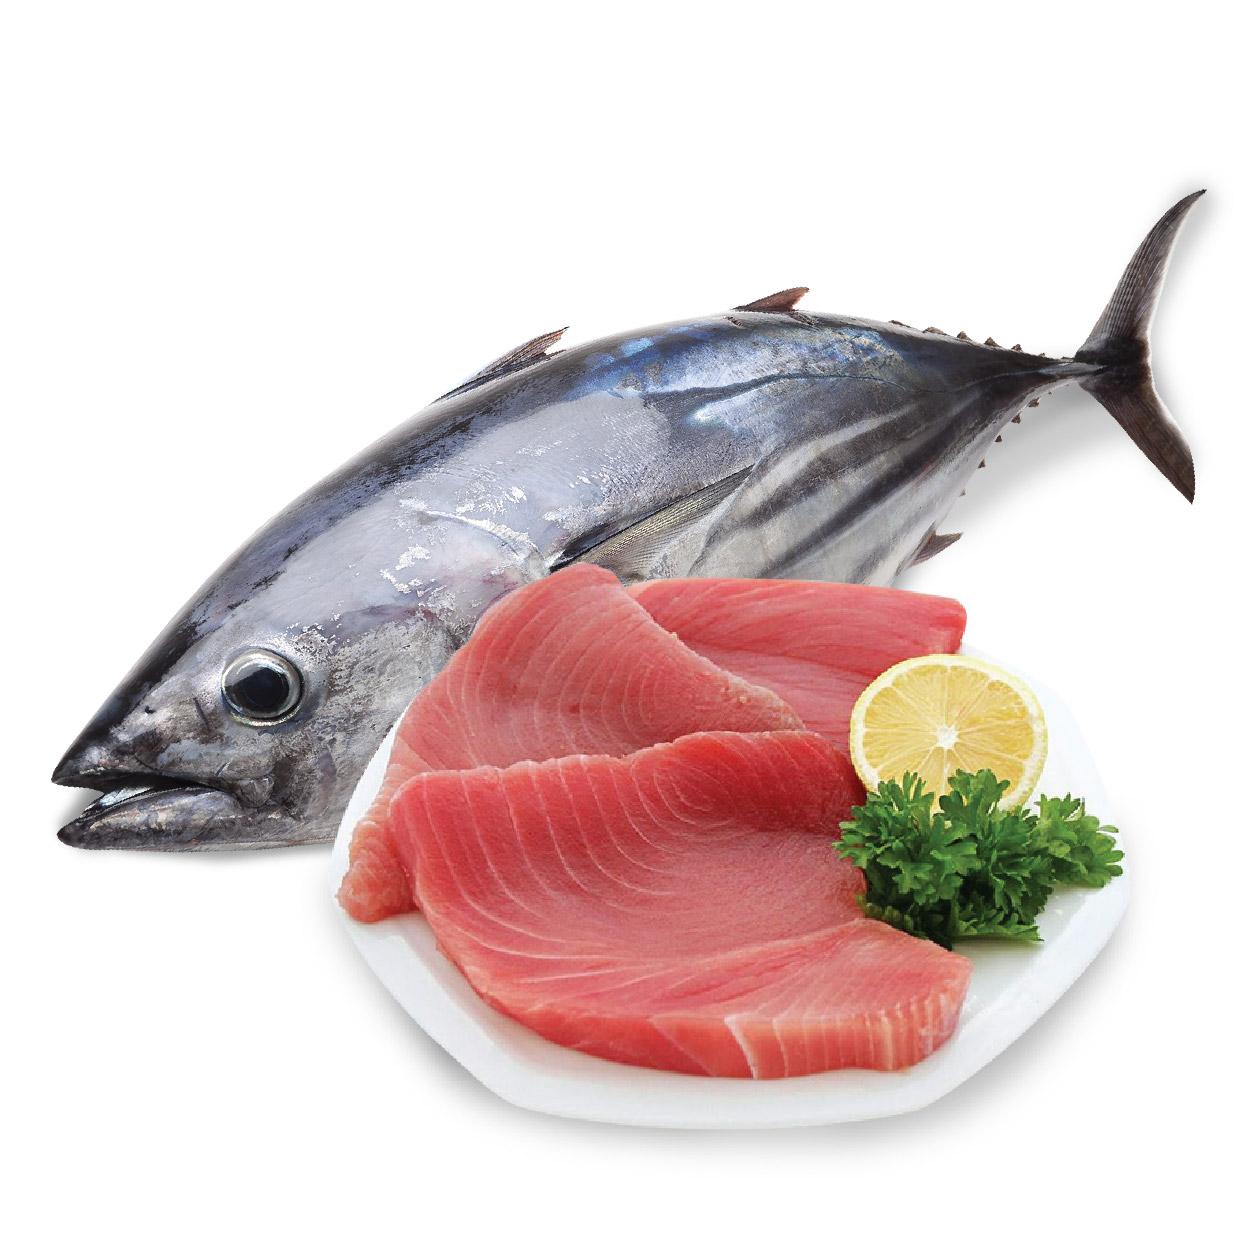 Kết quả hình ảnh cho cá ngừ